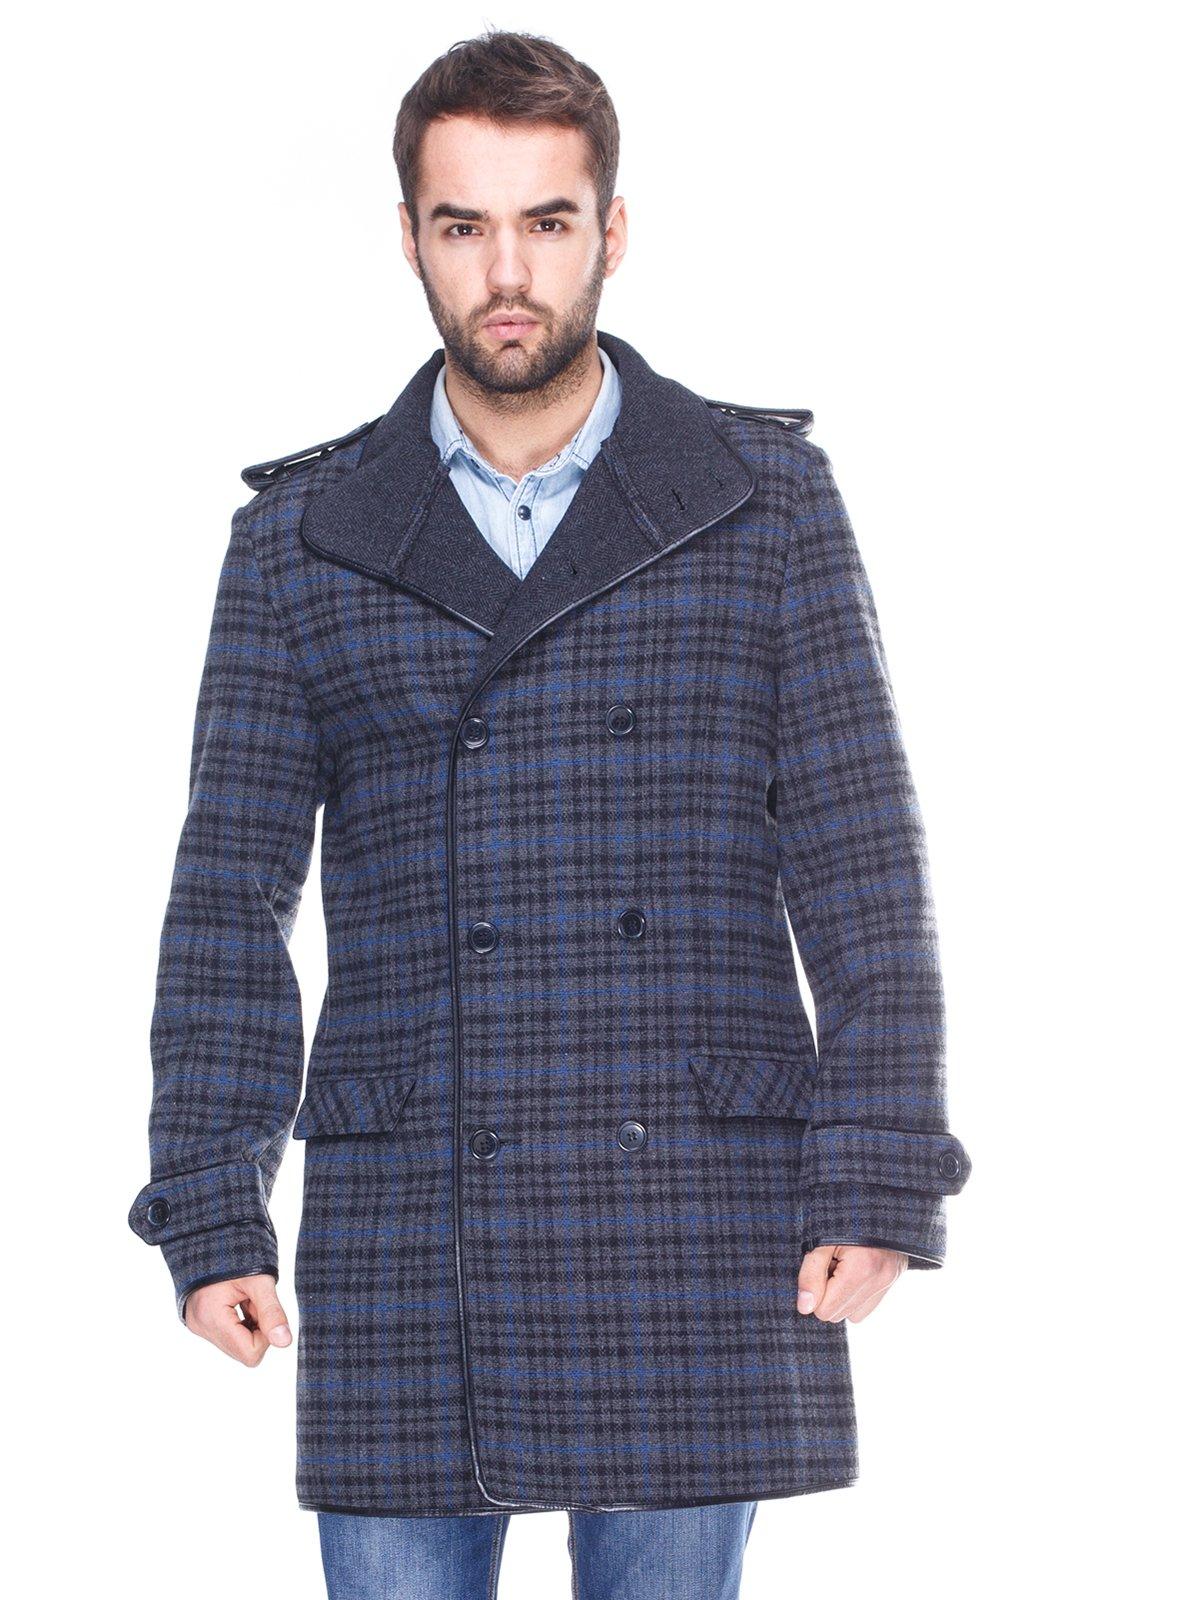 Пальто клетчатое двубортное | 963858